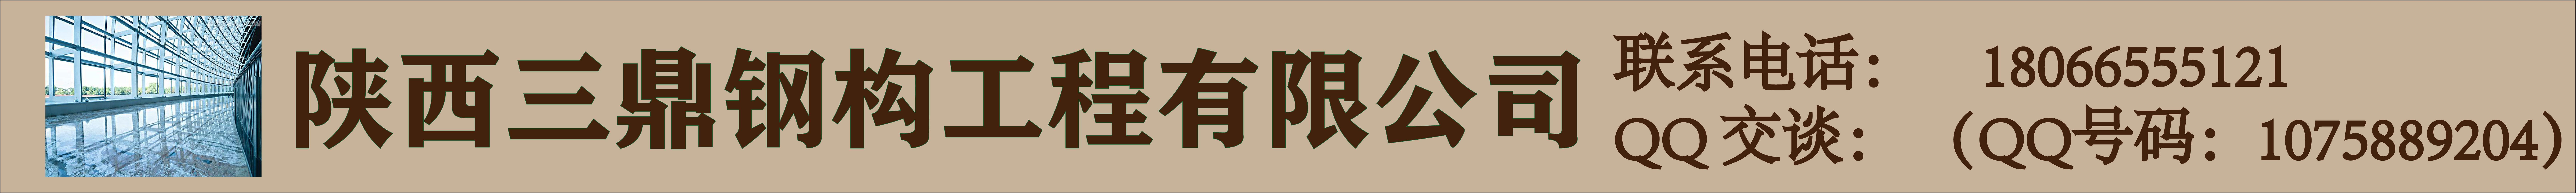 陕西三鼎钢构工程有限公司